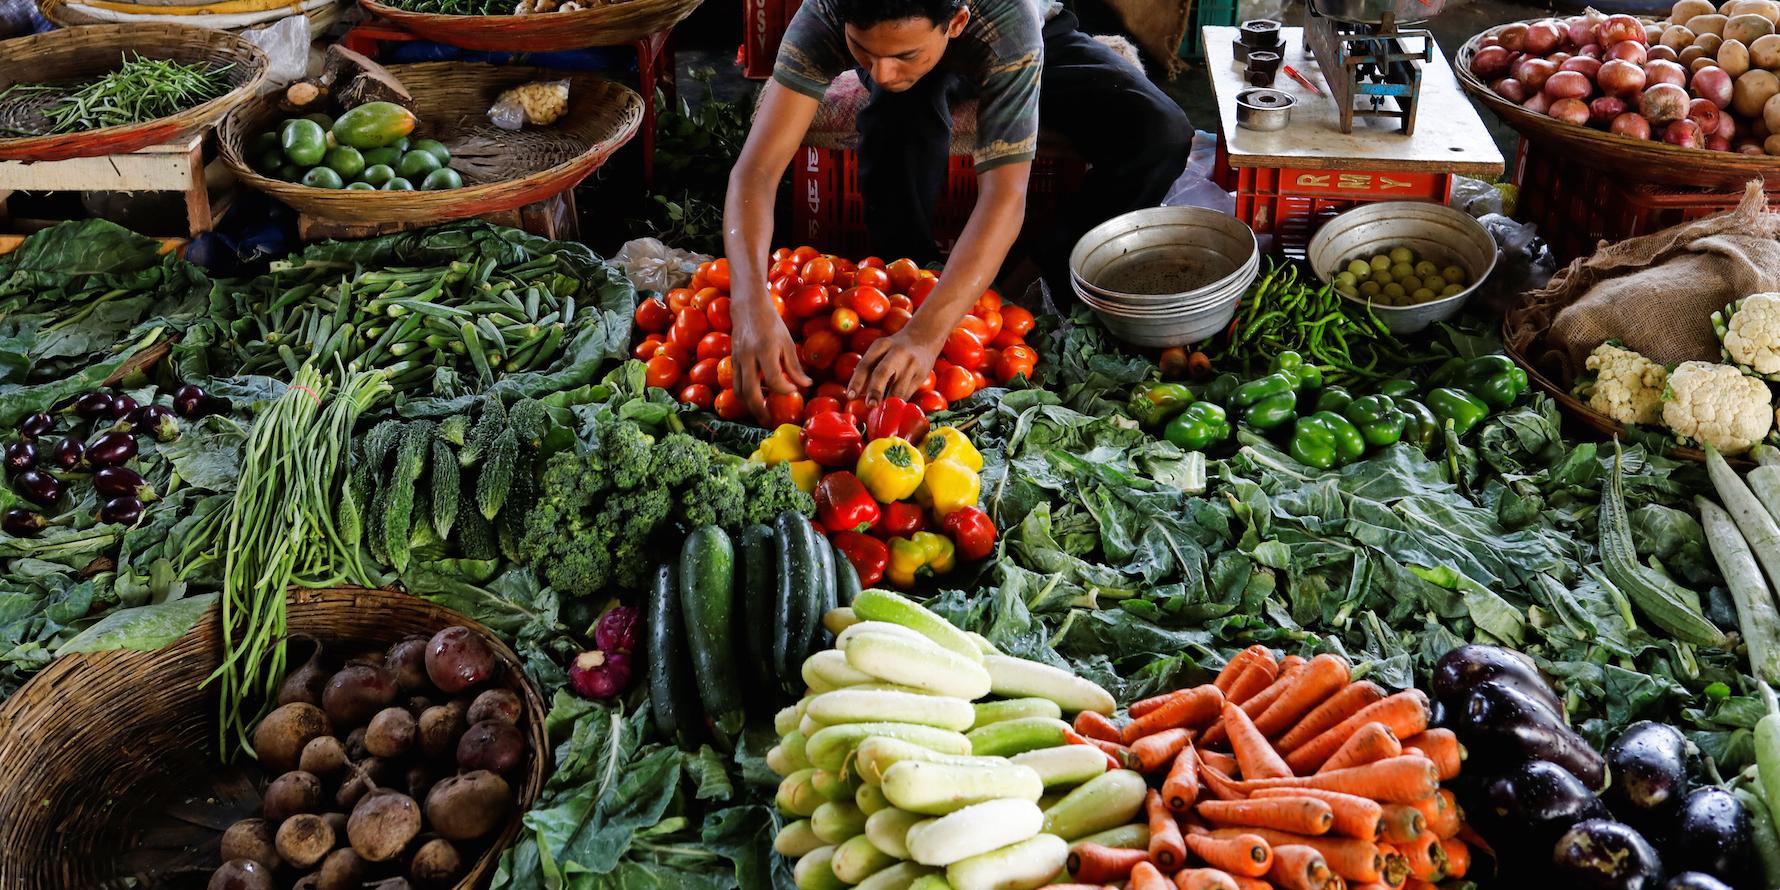 Réduire sa consommation de viande : un pilier d'une alimentation plus responsable